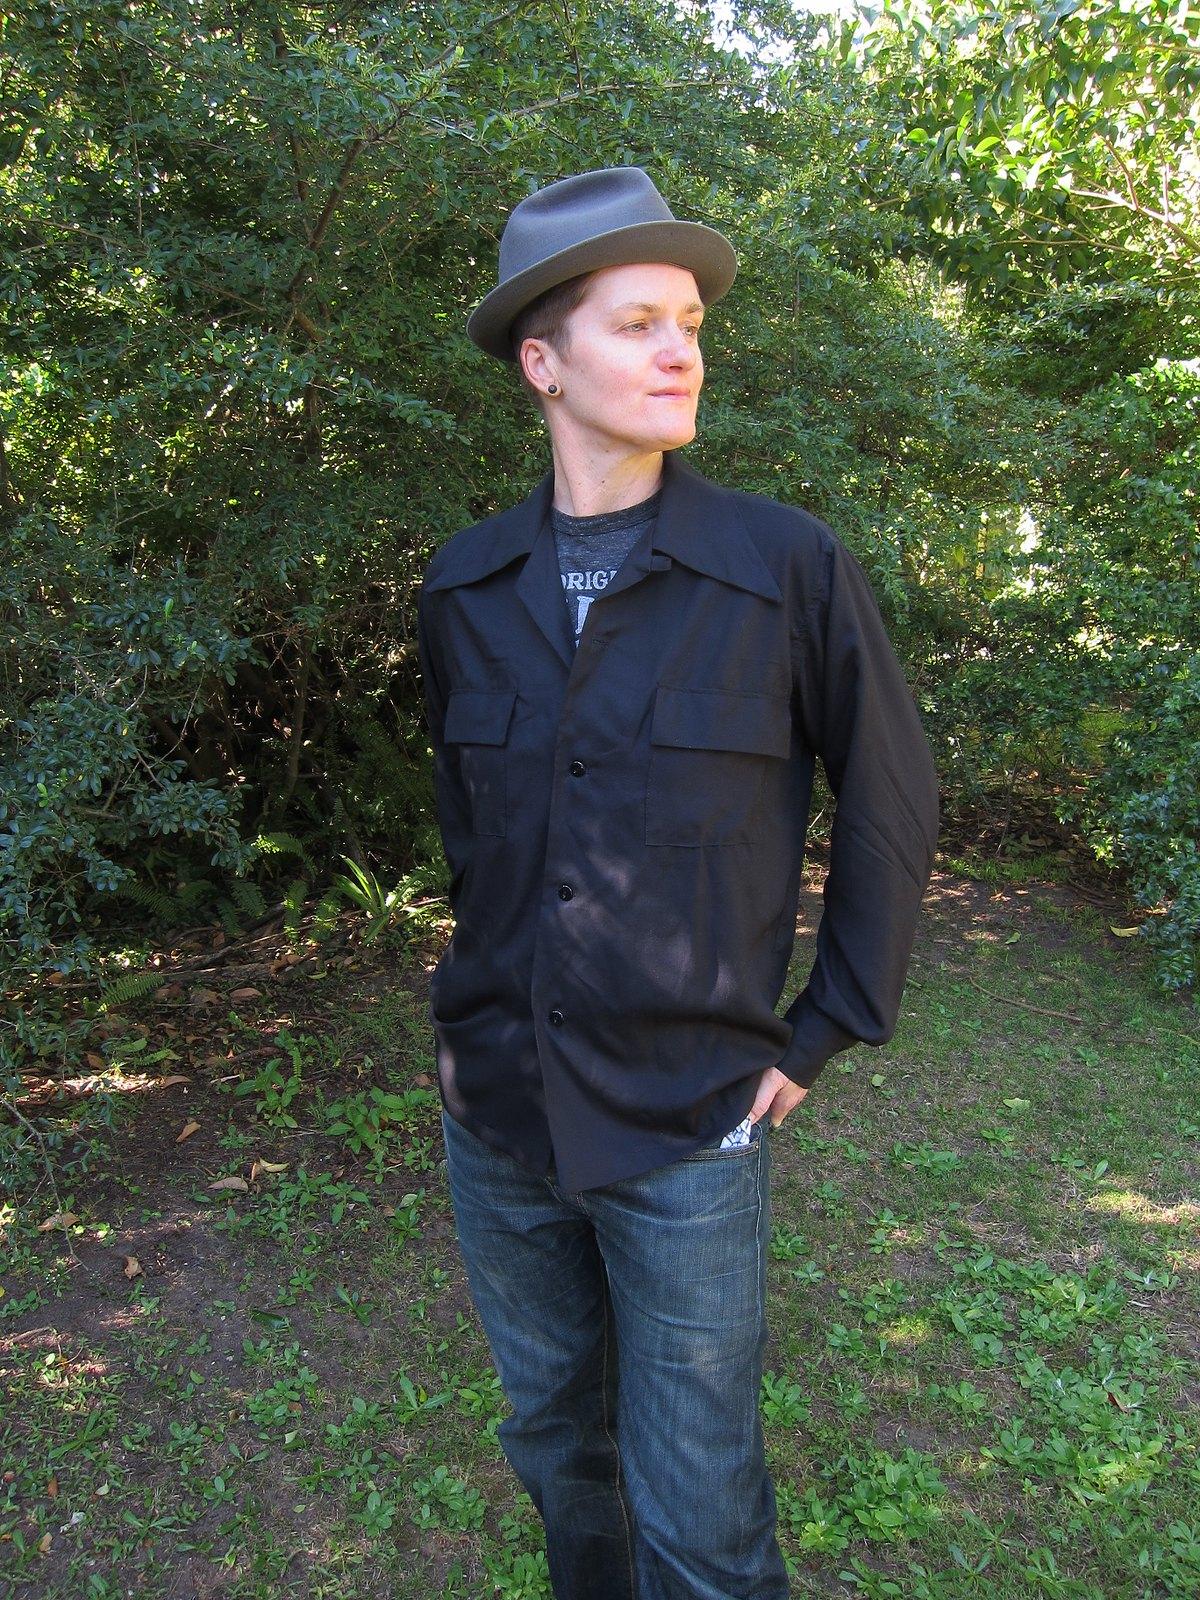 boi dyke vintage lesbian 1950s 1940s butch shirt rayon